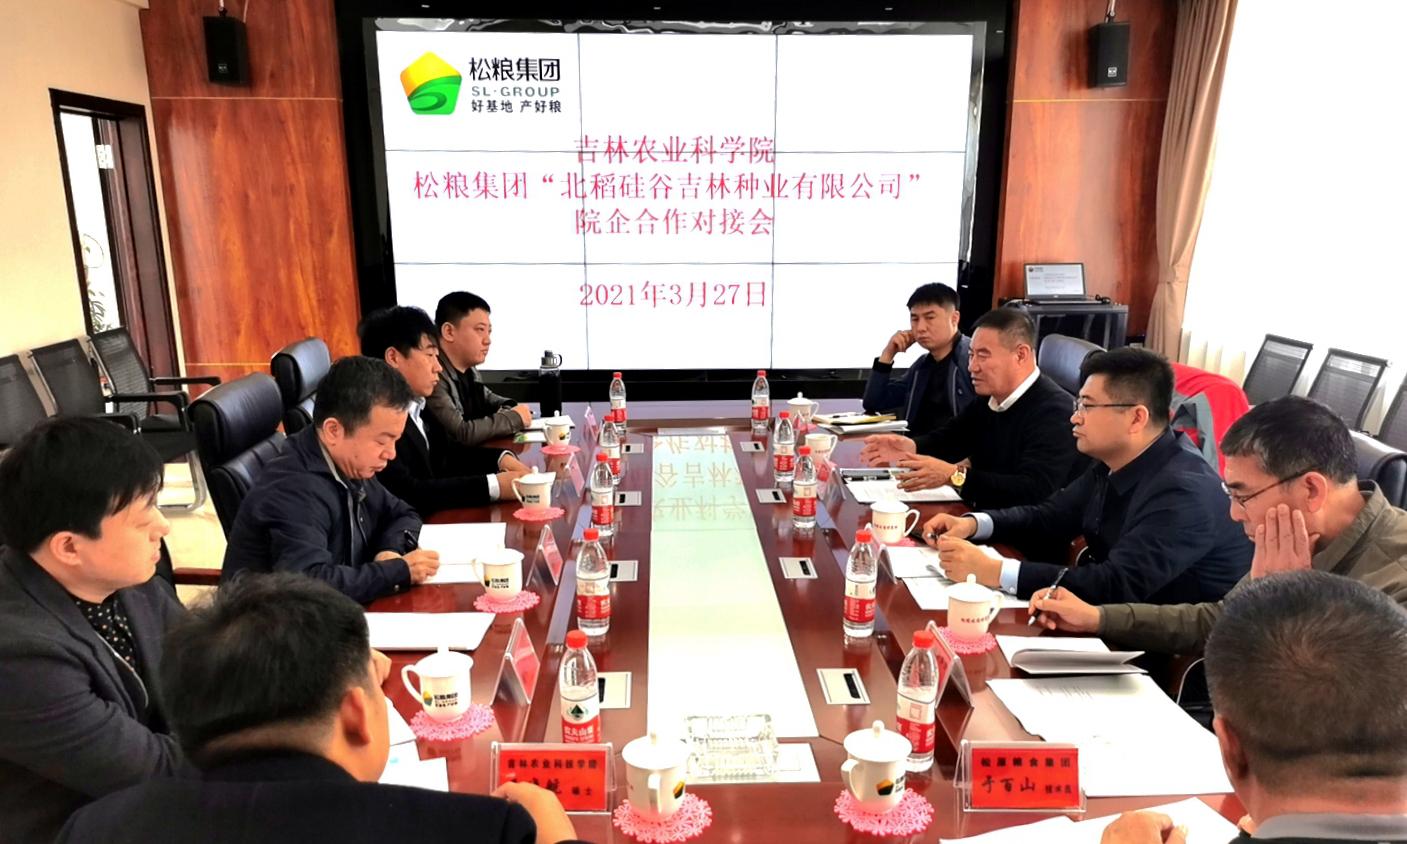 吉林农业科技学院水稻育种团队与松粮集团北稻硅谷吉林种业有限公司召开院企合作对接洽谈会